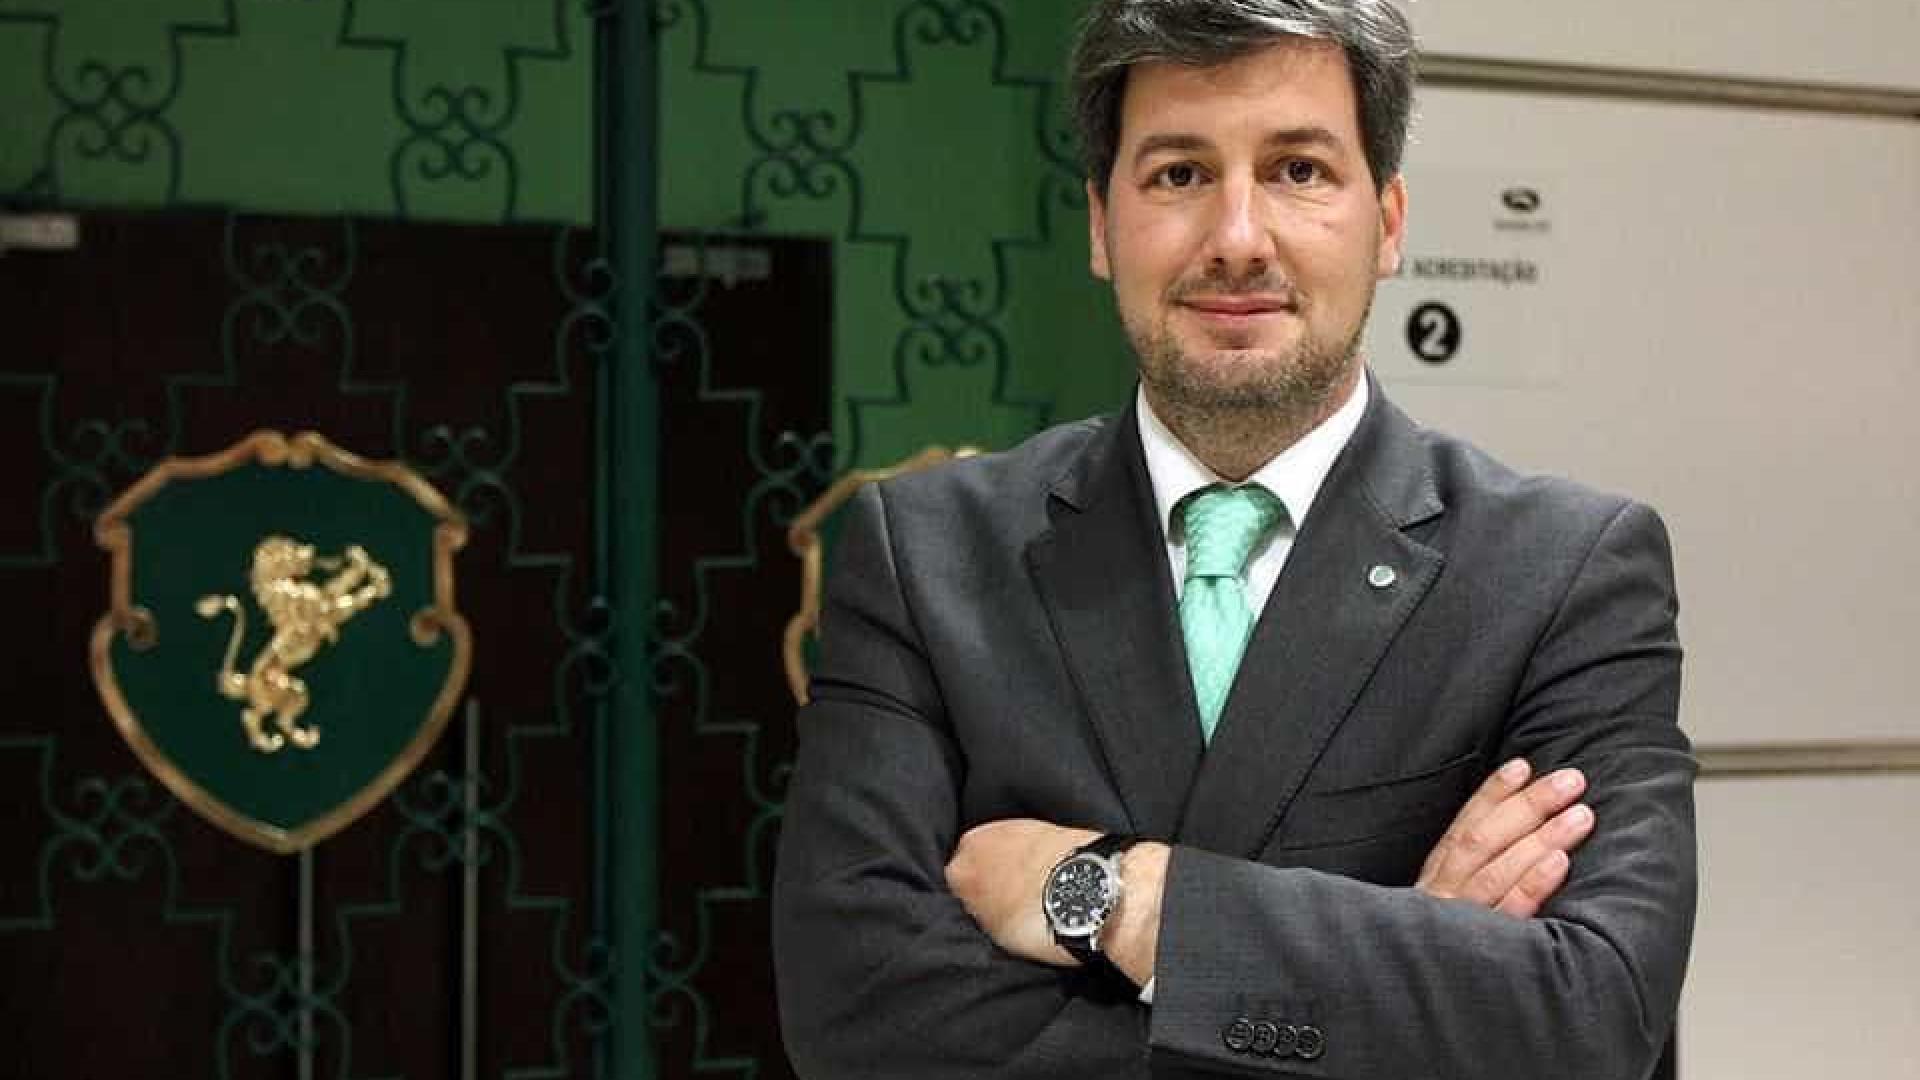 Felipa Garnel quer Bruno de Carvalho fora do clube. Presidente reage